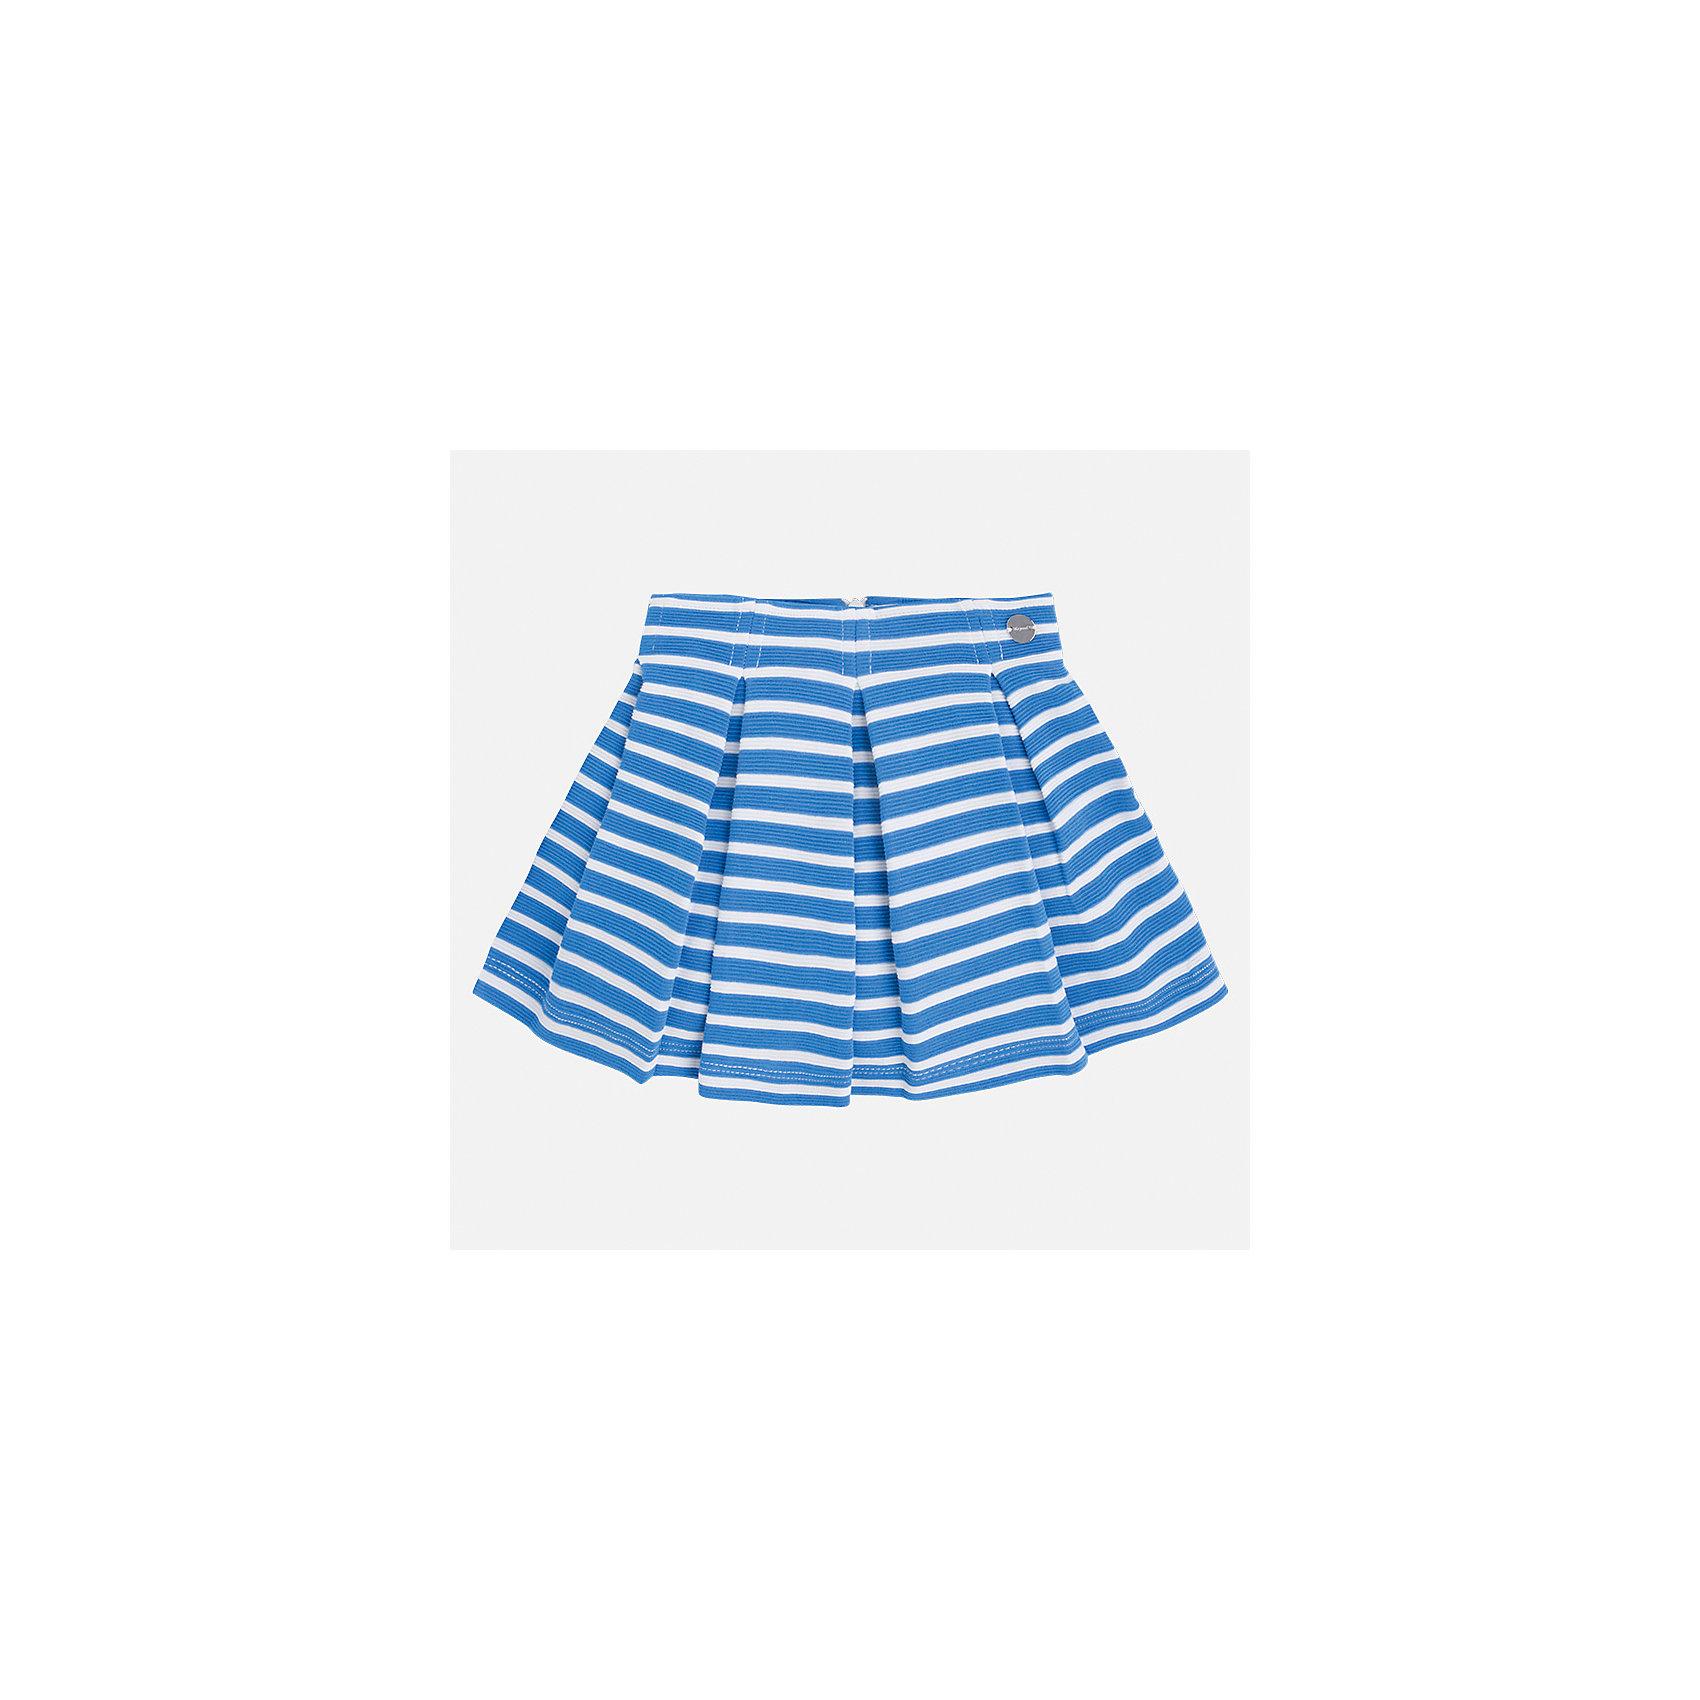 Юбка для девочки MayoralЮбки<br>Характеристики товара:<br><br>• цвет: голубой<br>• состав: 63% хлопок, 36% полиэстер, 1% эластан<br>• молния<br>• складки<br>• металлический логотип<br>• страна бренда: Испания<br><br>Эффектная юбка для девочки поможет разнообразить гардероб ребенка и создать эффектный наряд. Она отлично сочетаются с майками, футболками, блузками. Универсальный цвет позволяет подобрать к вещи верх разных расцветок. Юбка отлично сидит и не стесняет движения.<br><br>Одежда, обувь и аксессуары от испанского бренда Mayoral полюбились детям и взрослым по всему миру. Модели этой марки - стильные и удобные. Для их производства используются только безопасные, качественные материалы и фурнитура. Порадуйте ребенка модными и красивыми вещами от Mayoral! <br><br>Юбку для девочки от испанского бренда Mayoral (Майорал) можно купить в нашем интернет-магазине.<br><br>Ширина мм: 207<br>Глубина мм: 10<br>Высота мм: 189<br>Вес г: 183<br>Цвет: синий<br>Возраст от месяцев: 96<br>Возраст до месяцев: 108<br>Пол: Женский<br>Возраст: Детский<br>Размер: 134,92,98,104,110,116,122,128<br>SKU: 5300542